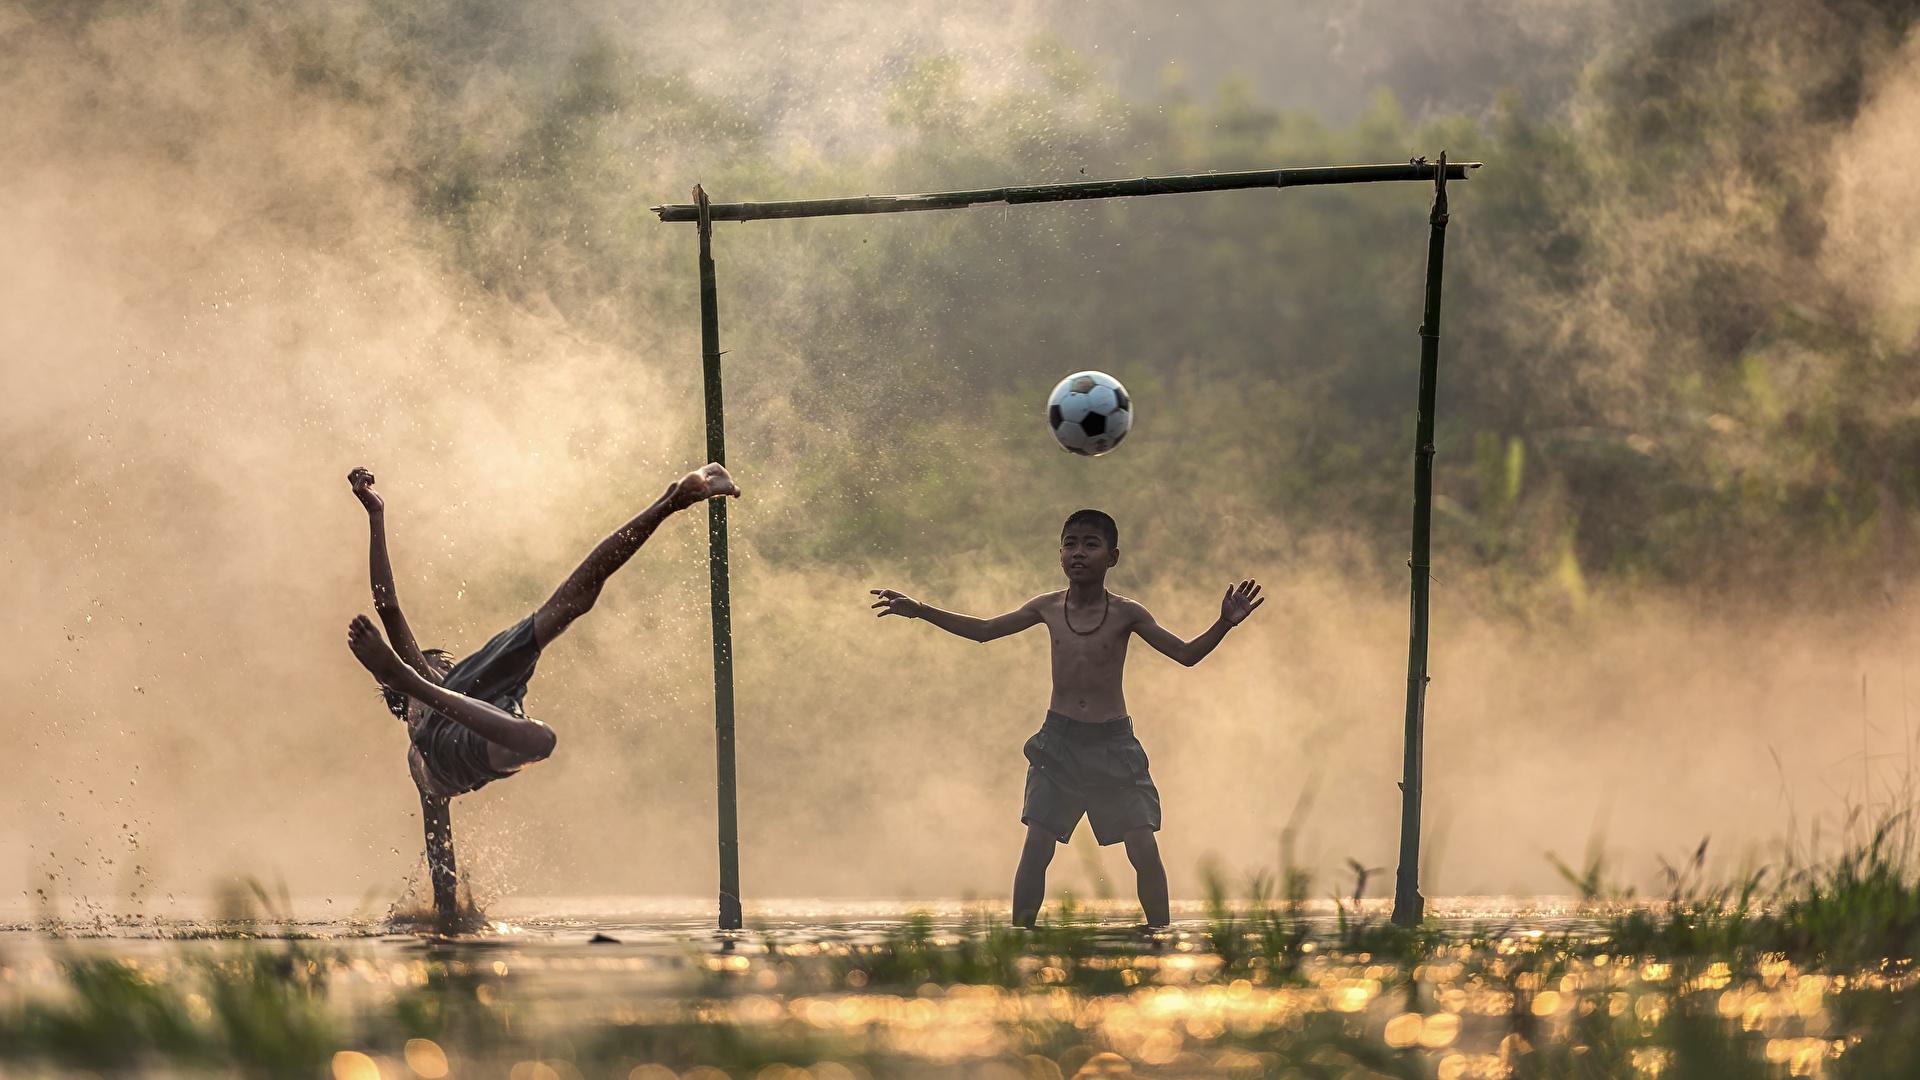 Картинка мальчишка Дети тумане Вратарь в футболе две Футбол Азиаты Мяч 1920x1080 мальчик Мальчики мальчишки Туман тумана ребёнок 2 два Двое вдвоем азиатка азиатки Мячик